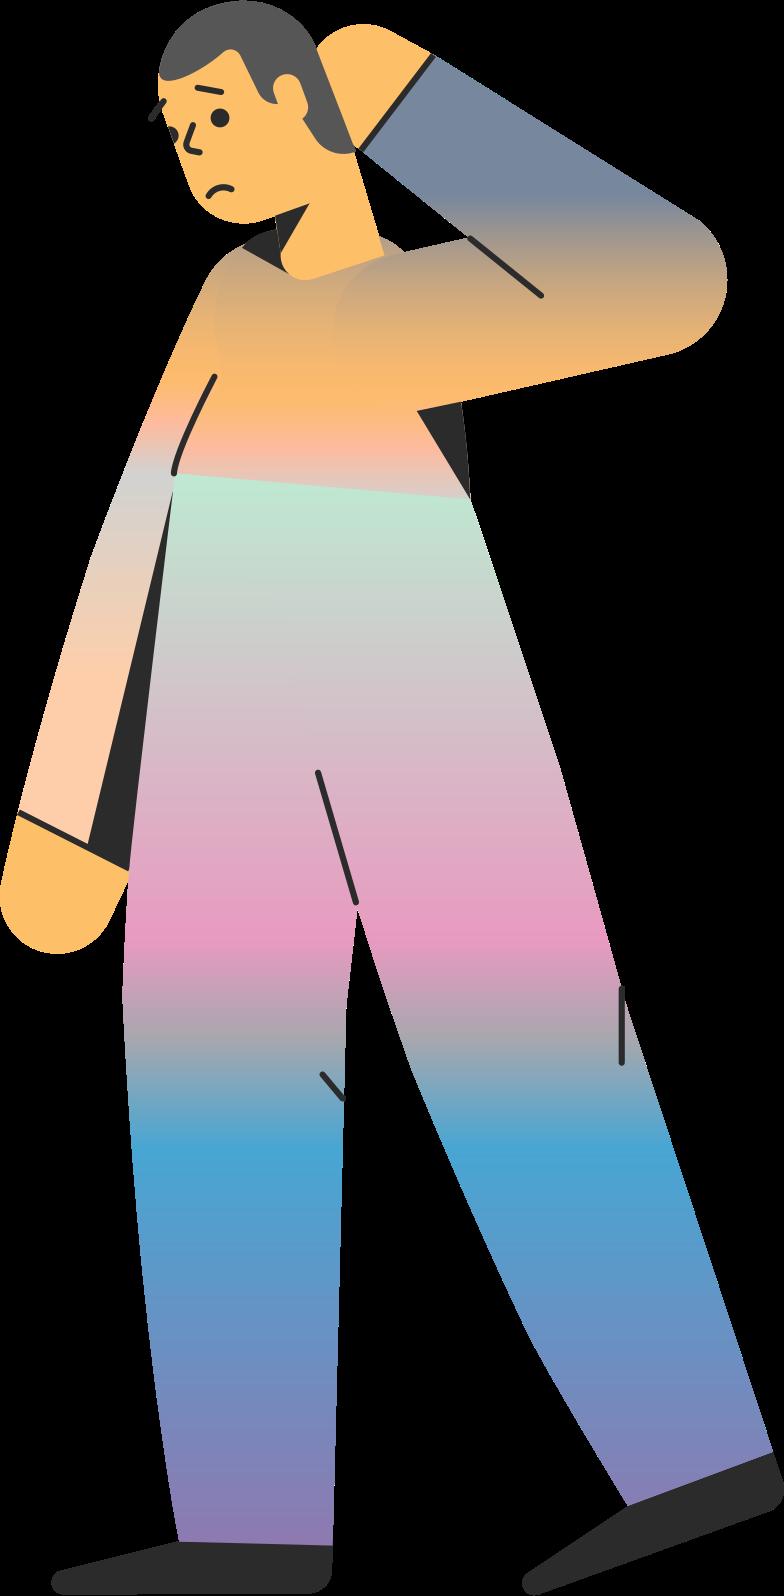 man Clipart-Grafik als PNG, SVG